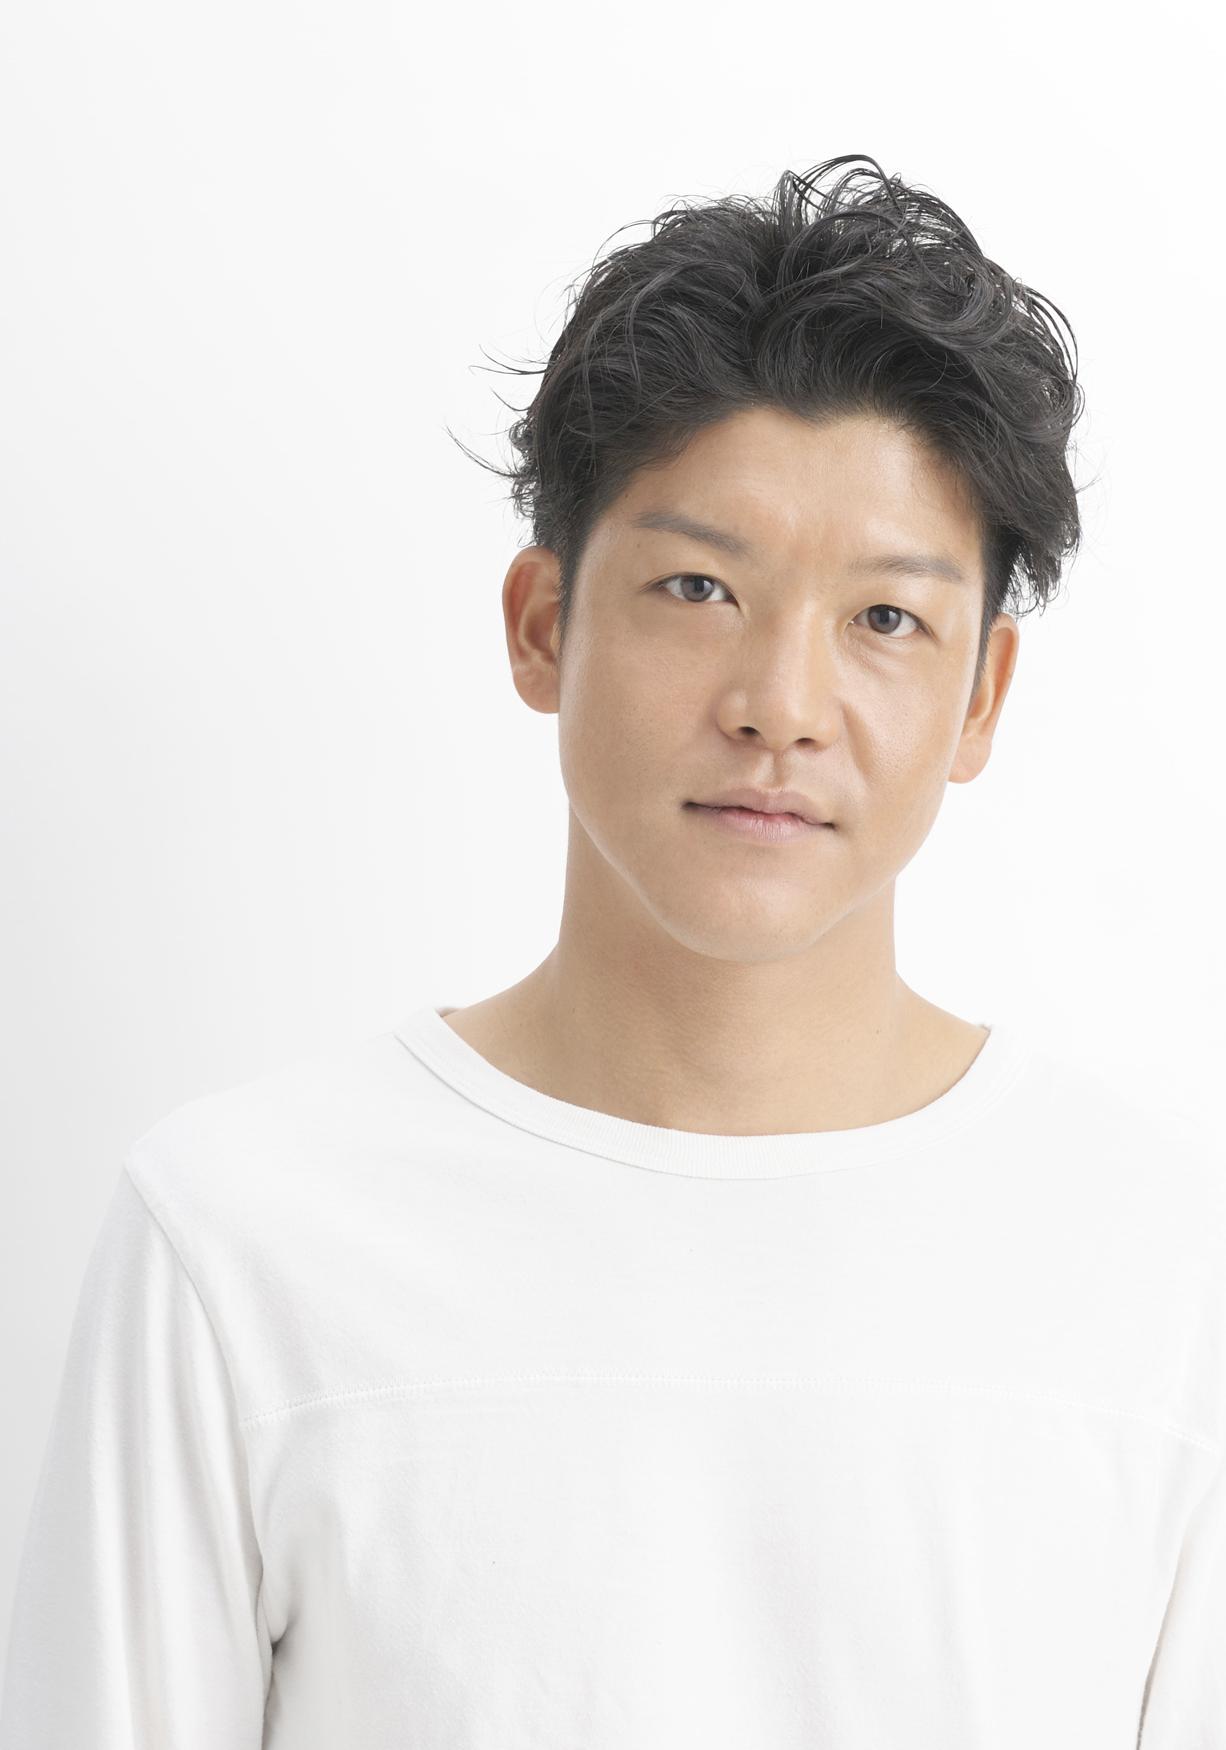 俳優・駿河太郎さん